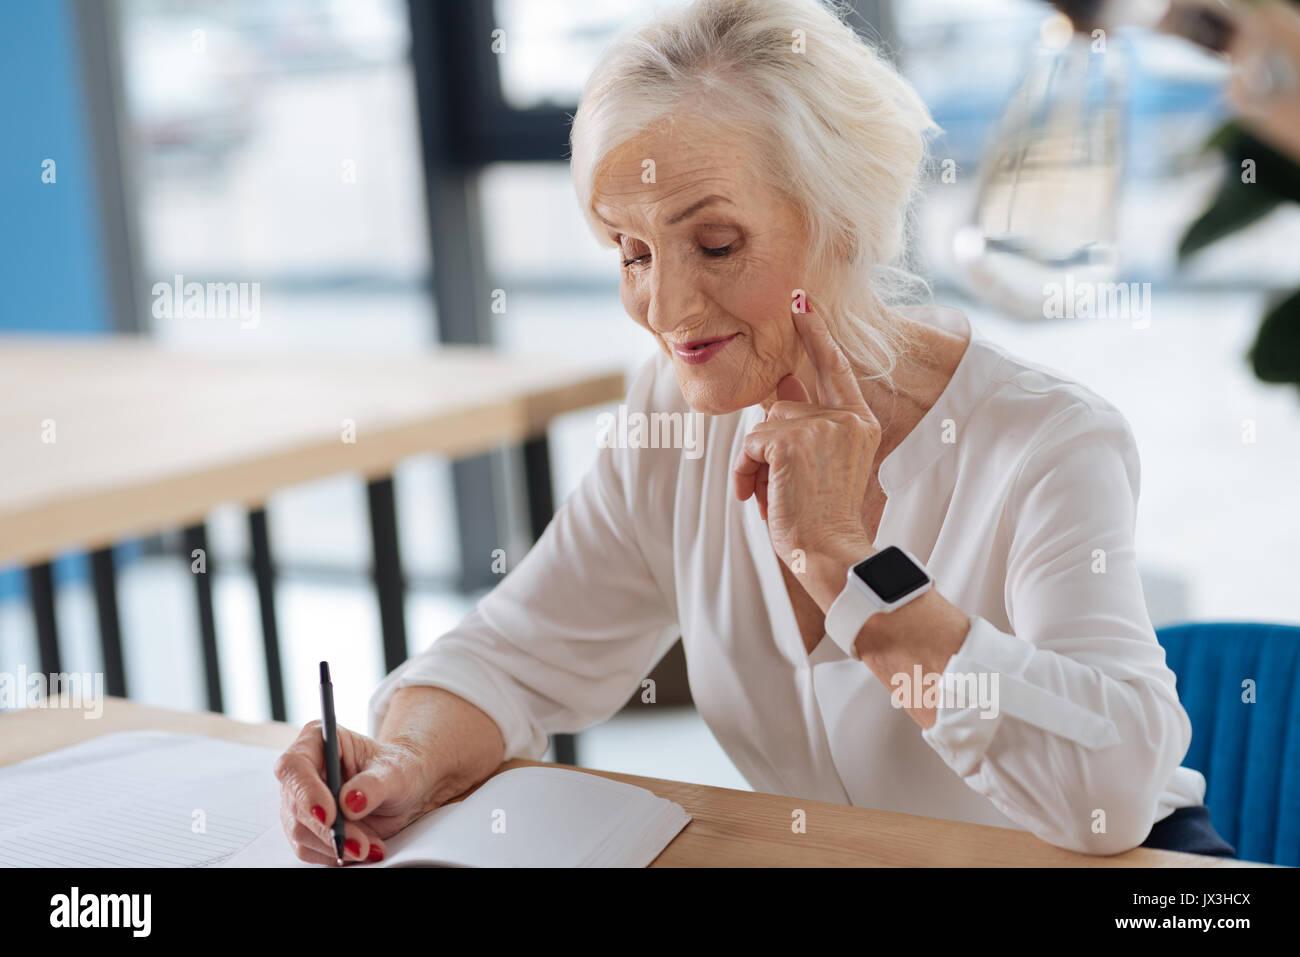 Femme d'un âge heureux de mettre par écrit ses souvenirs Photo Stock